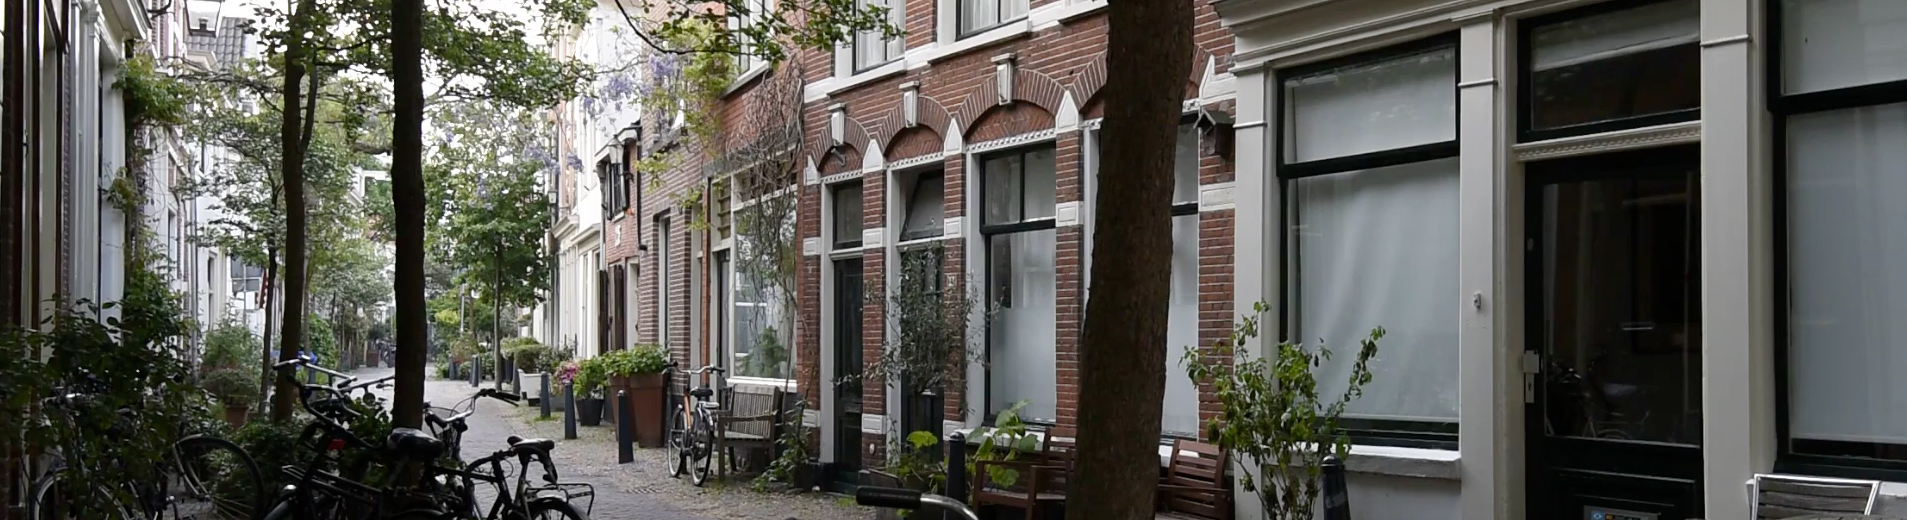 Vijfhoek-Haarlem-Buurtinformatie